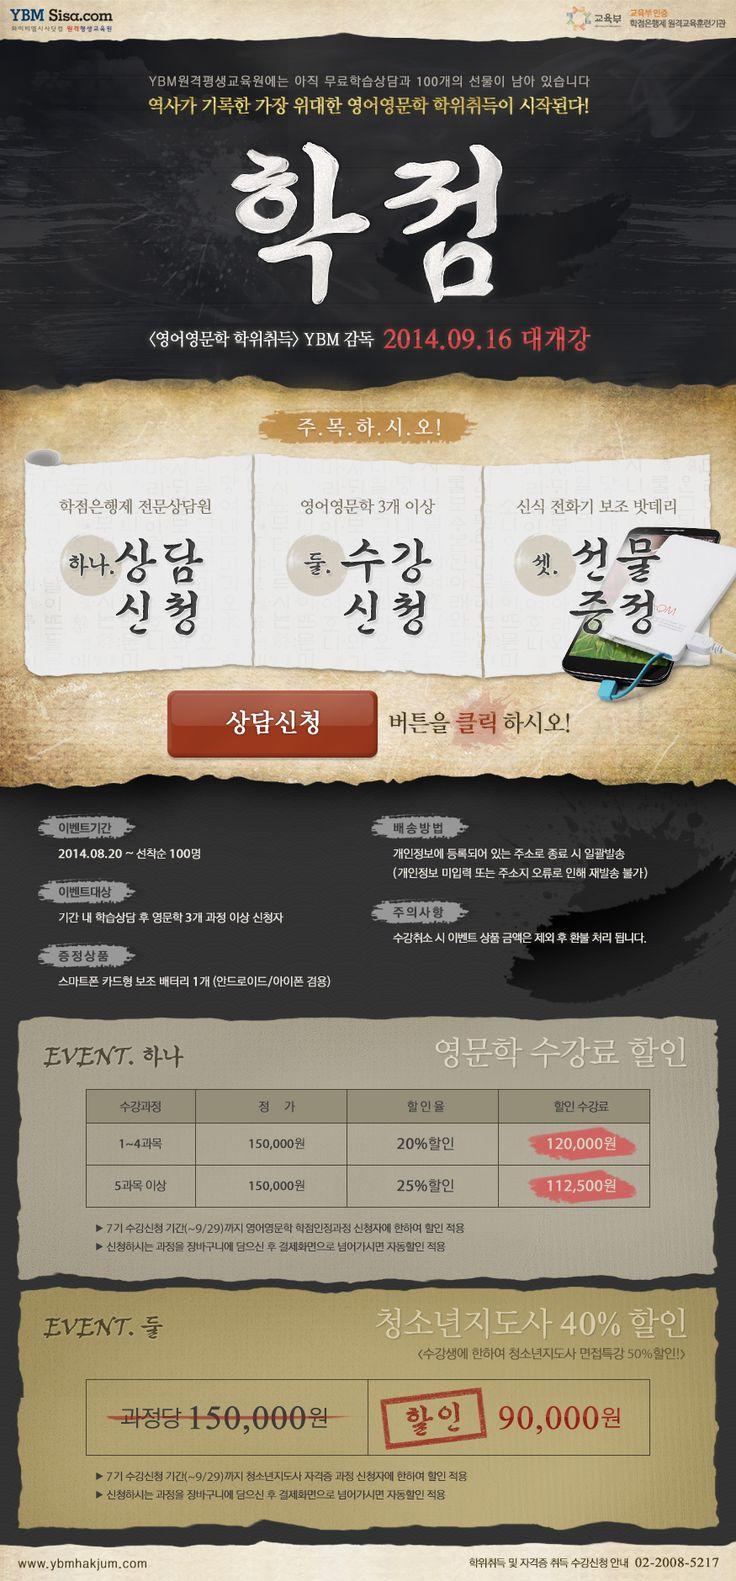 [학점은행] 2학기 7기 모집 이벤트 (이영실)